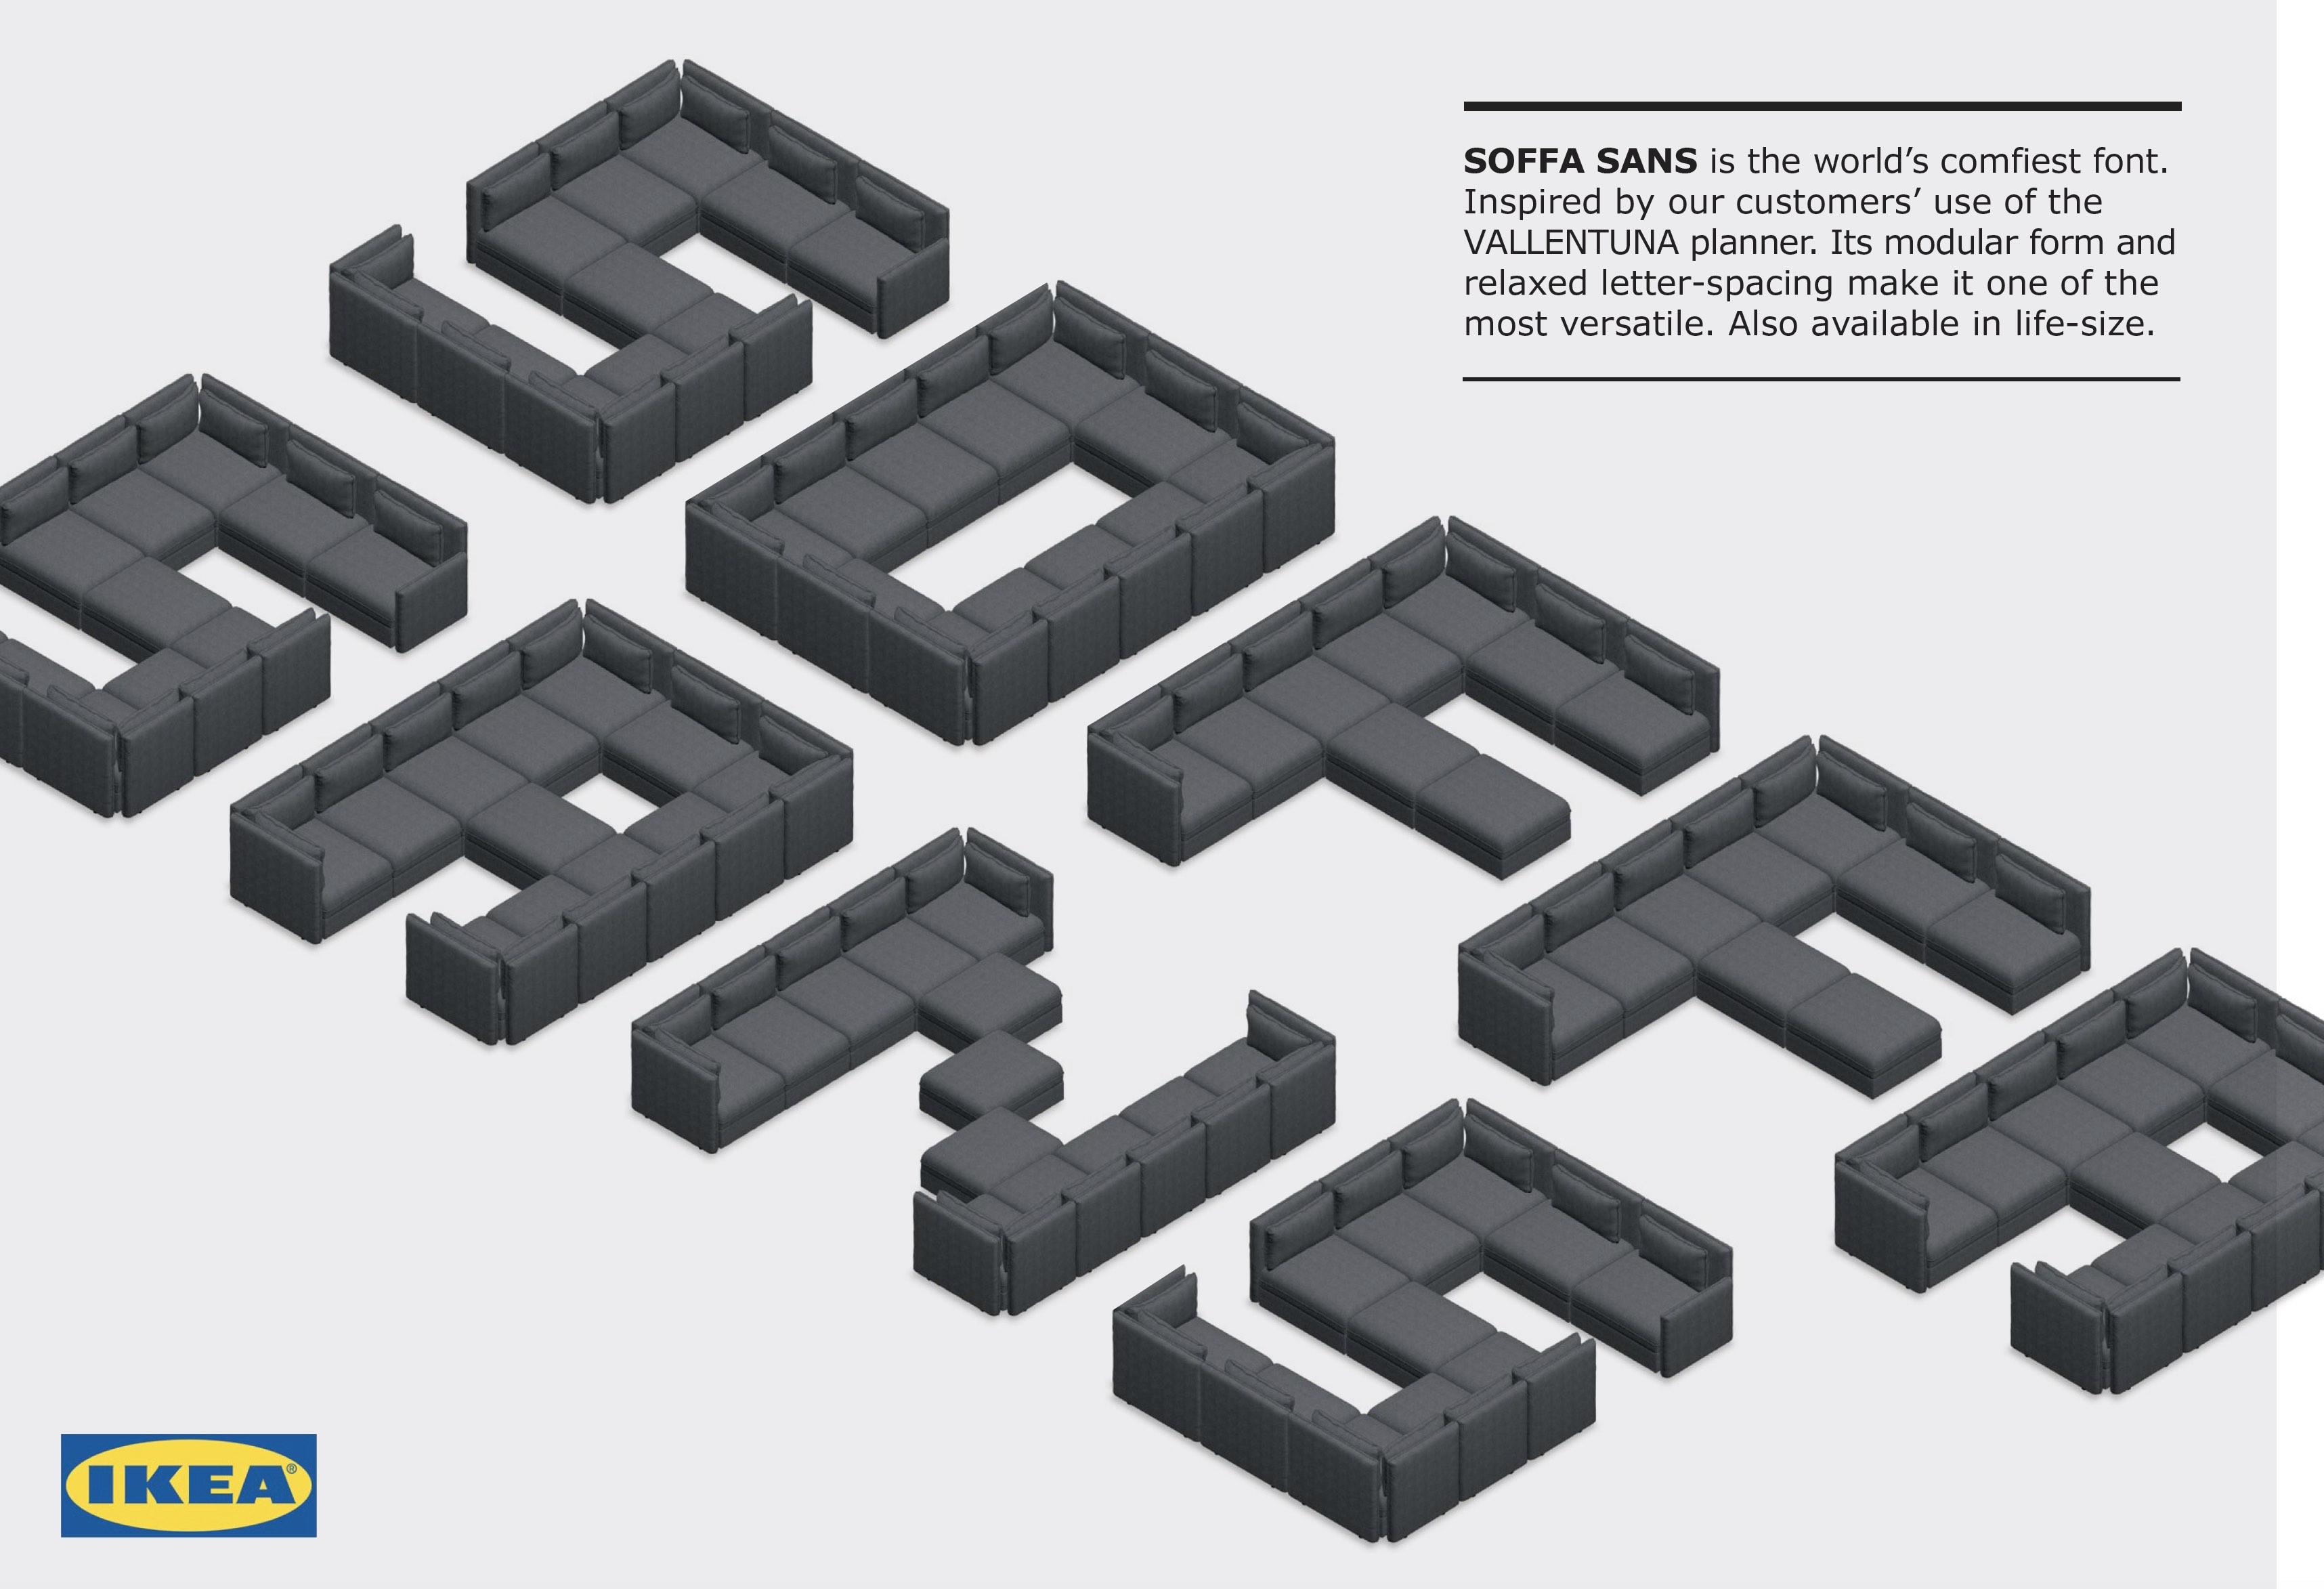 Ikea Sofa Freefont